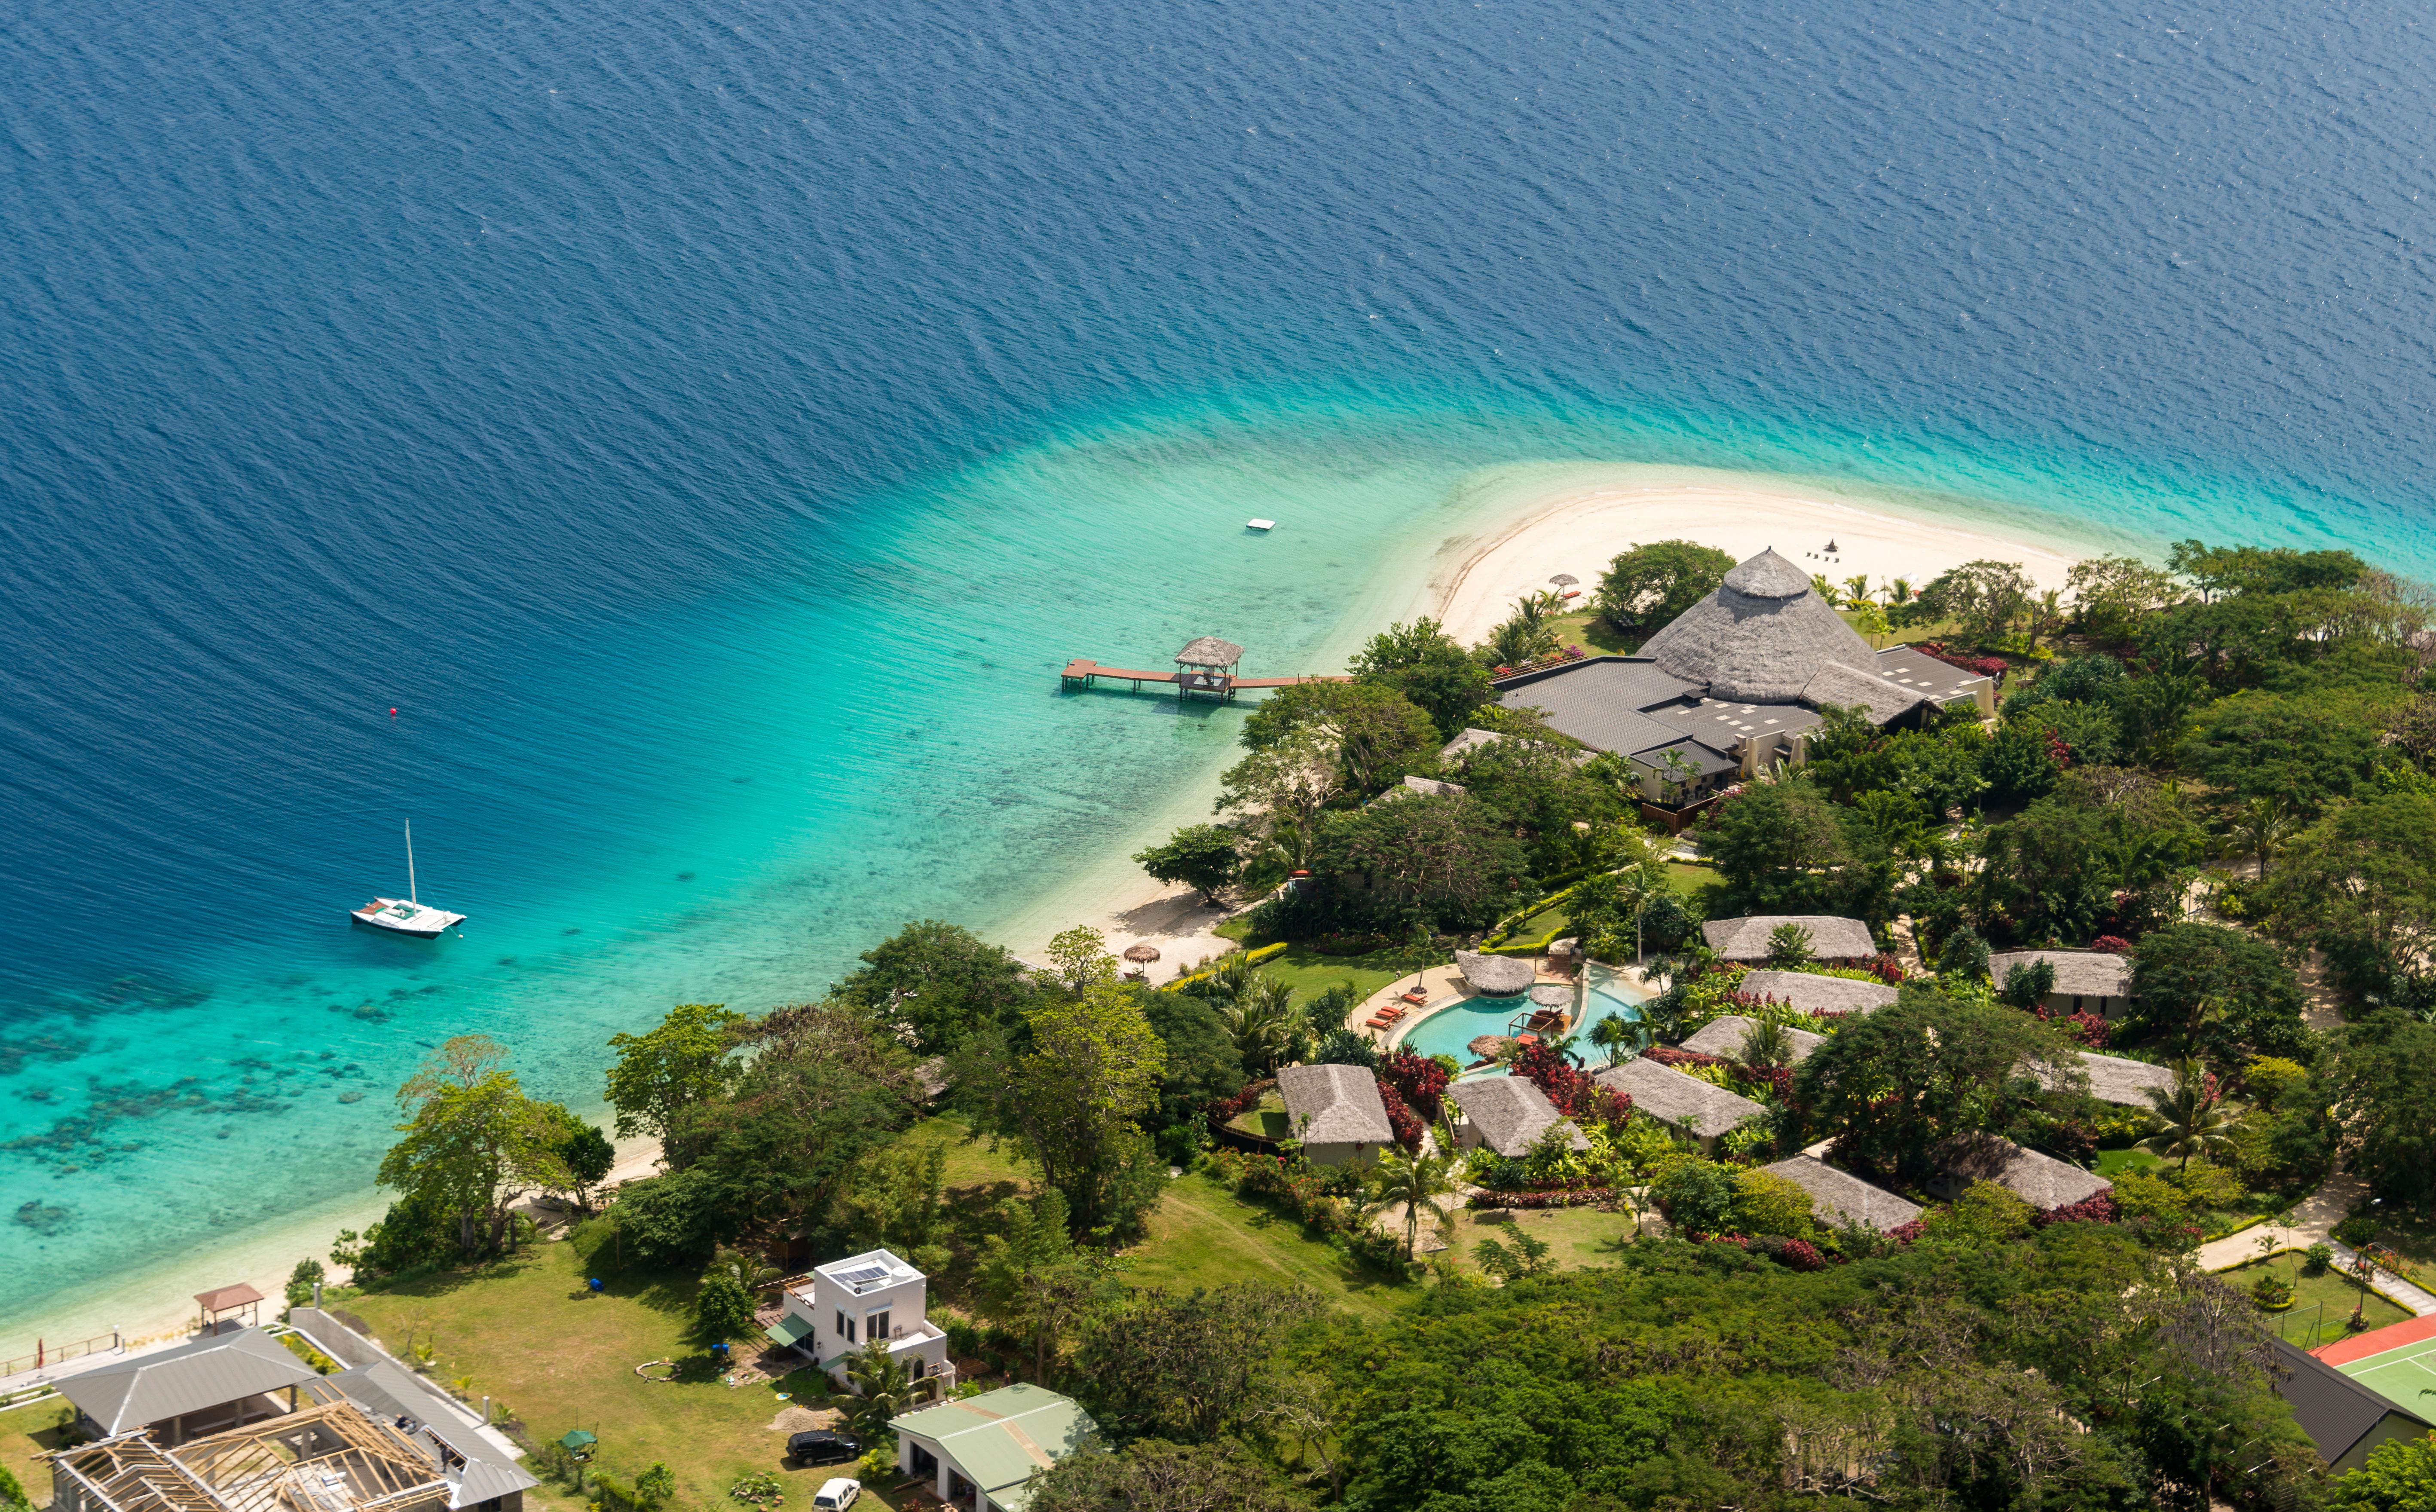 La nación insular en el Océano Pacífico Sur obtiene el 18,16% de su PIB del turismo. No ha registrado casos de coronavirus, después de que cerró sus fronteras y prohibió los vuelos entre sus propias islas el 26 de marzo. Fue golpeado por un devastador ciclón dos semanas después